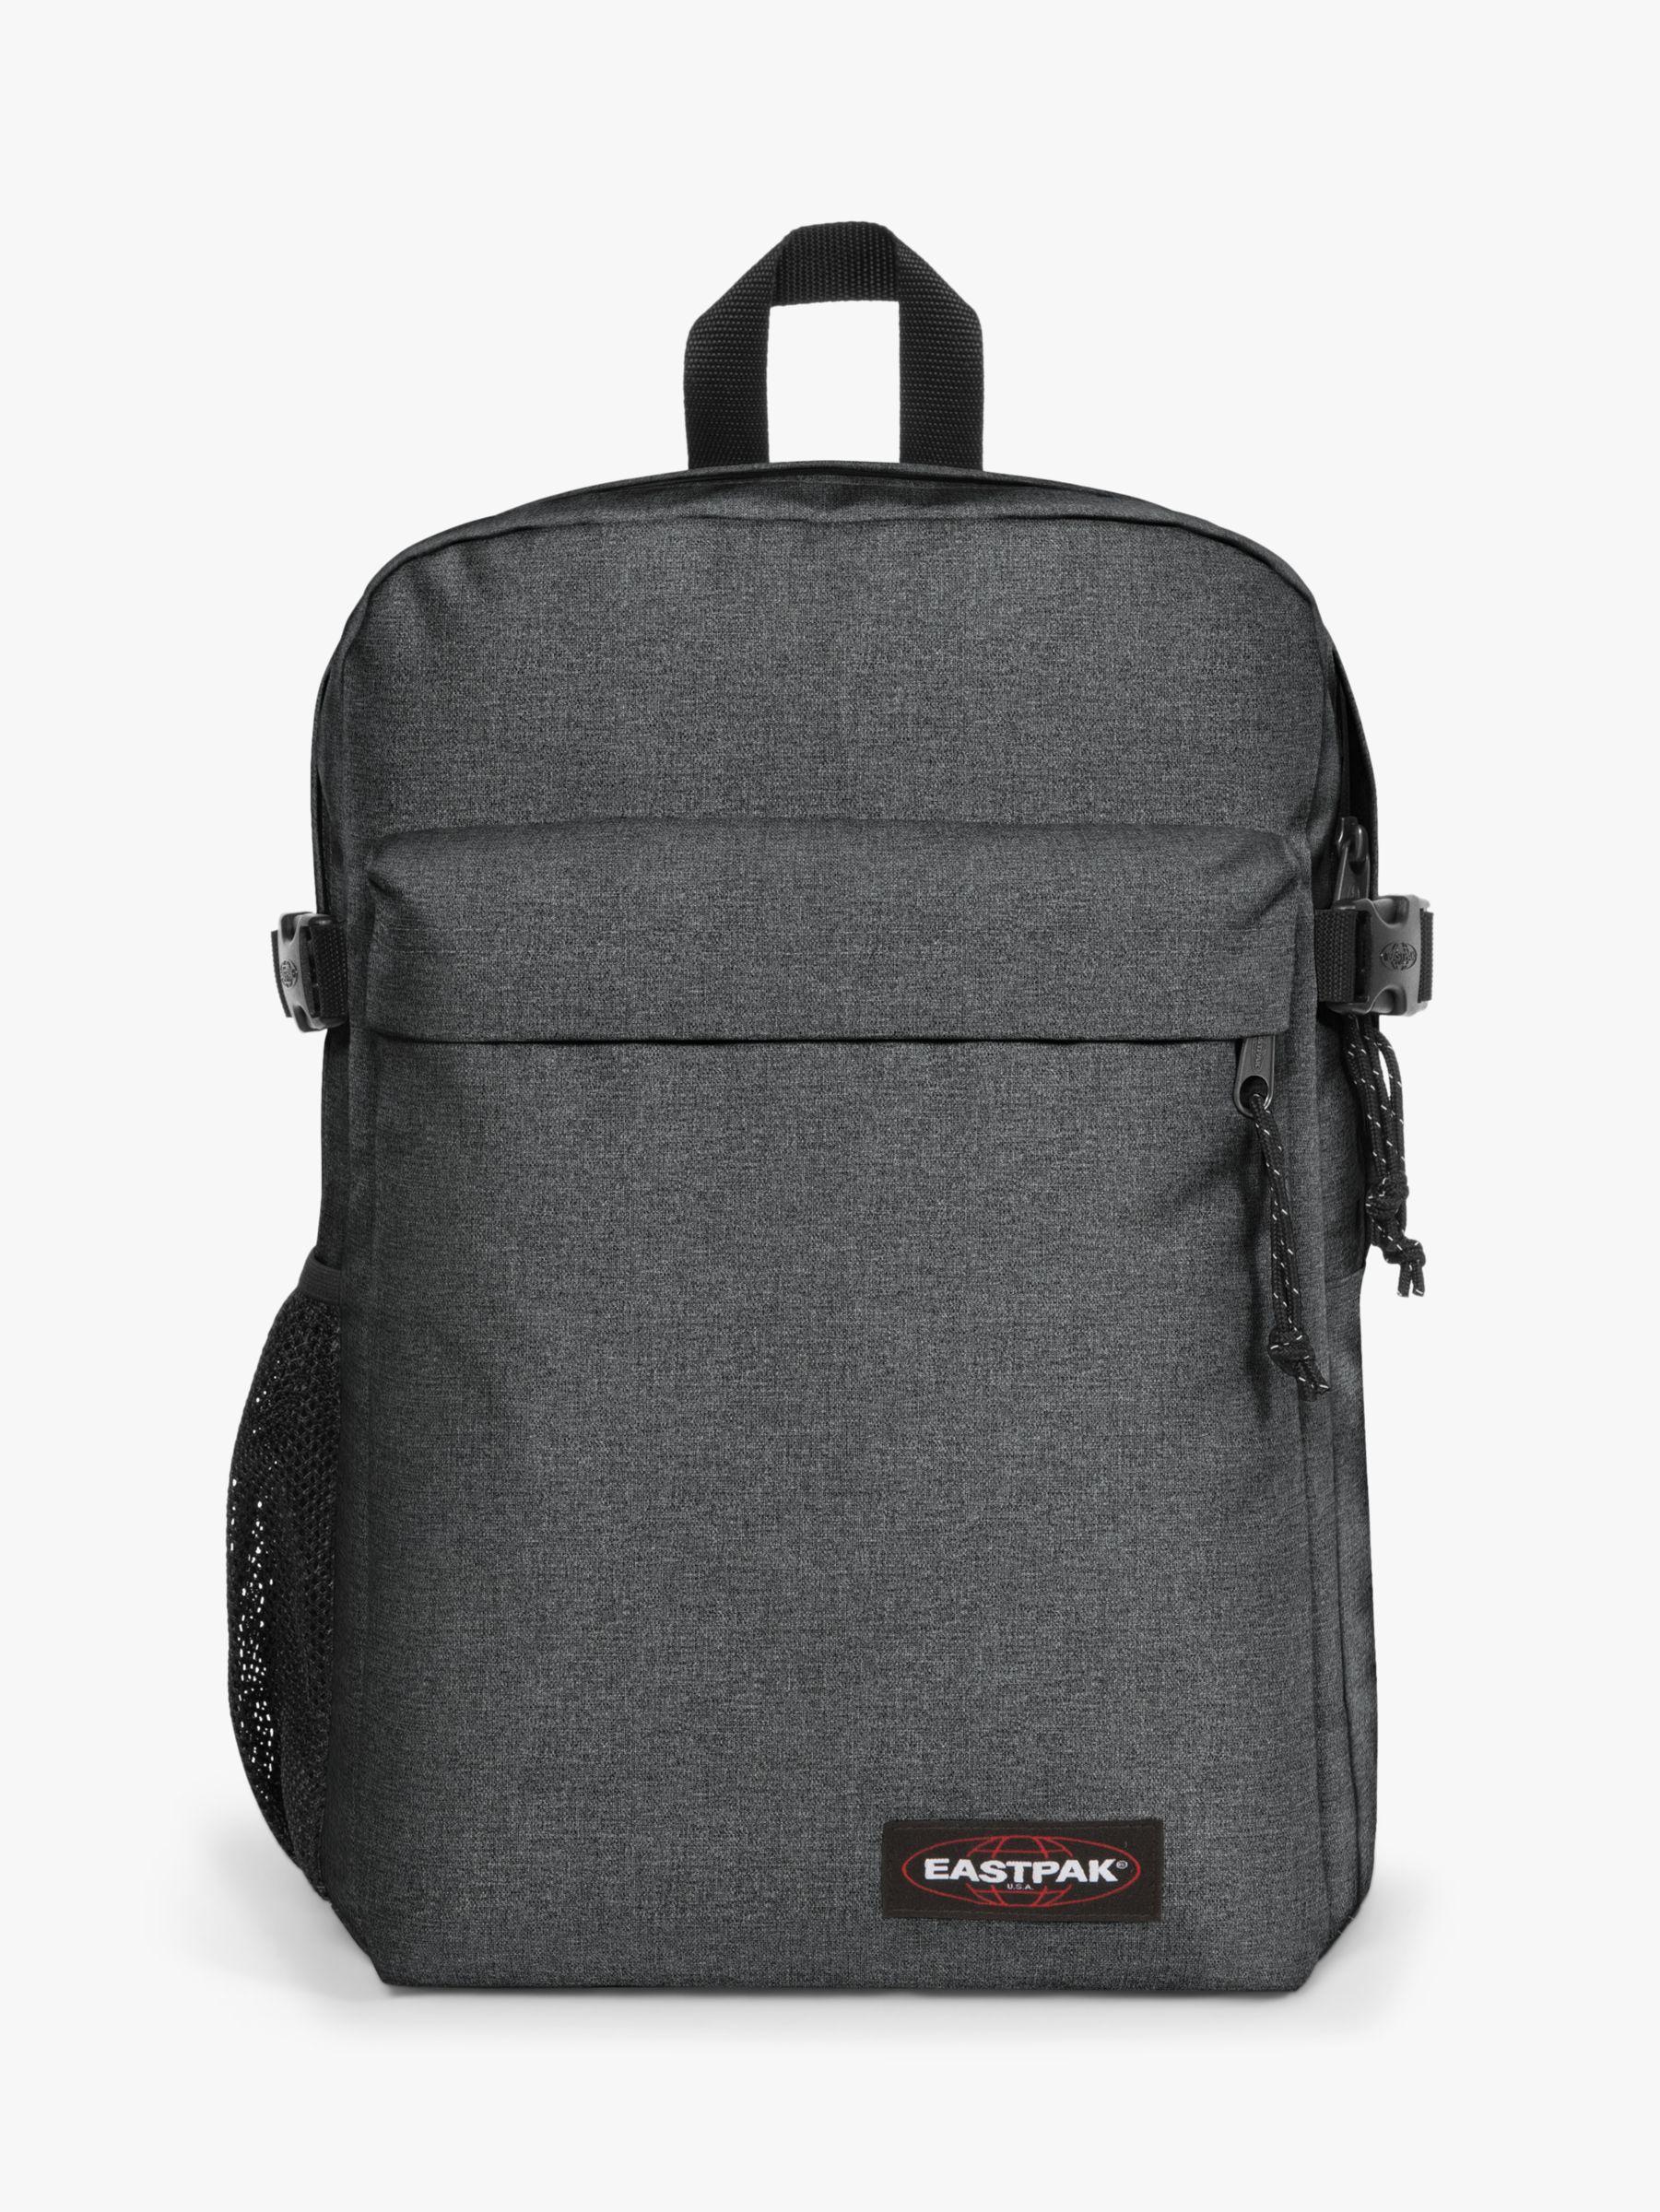 Eastpak Standler Backpack c8cf65899a560